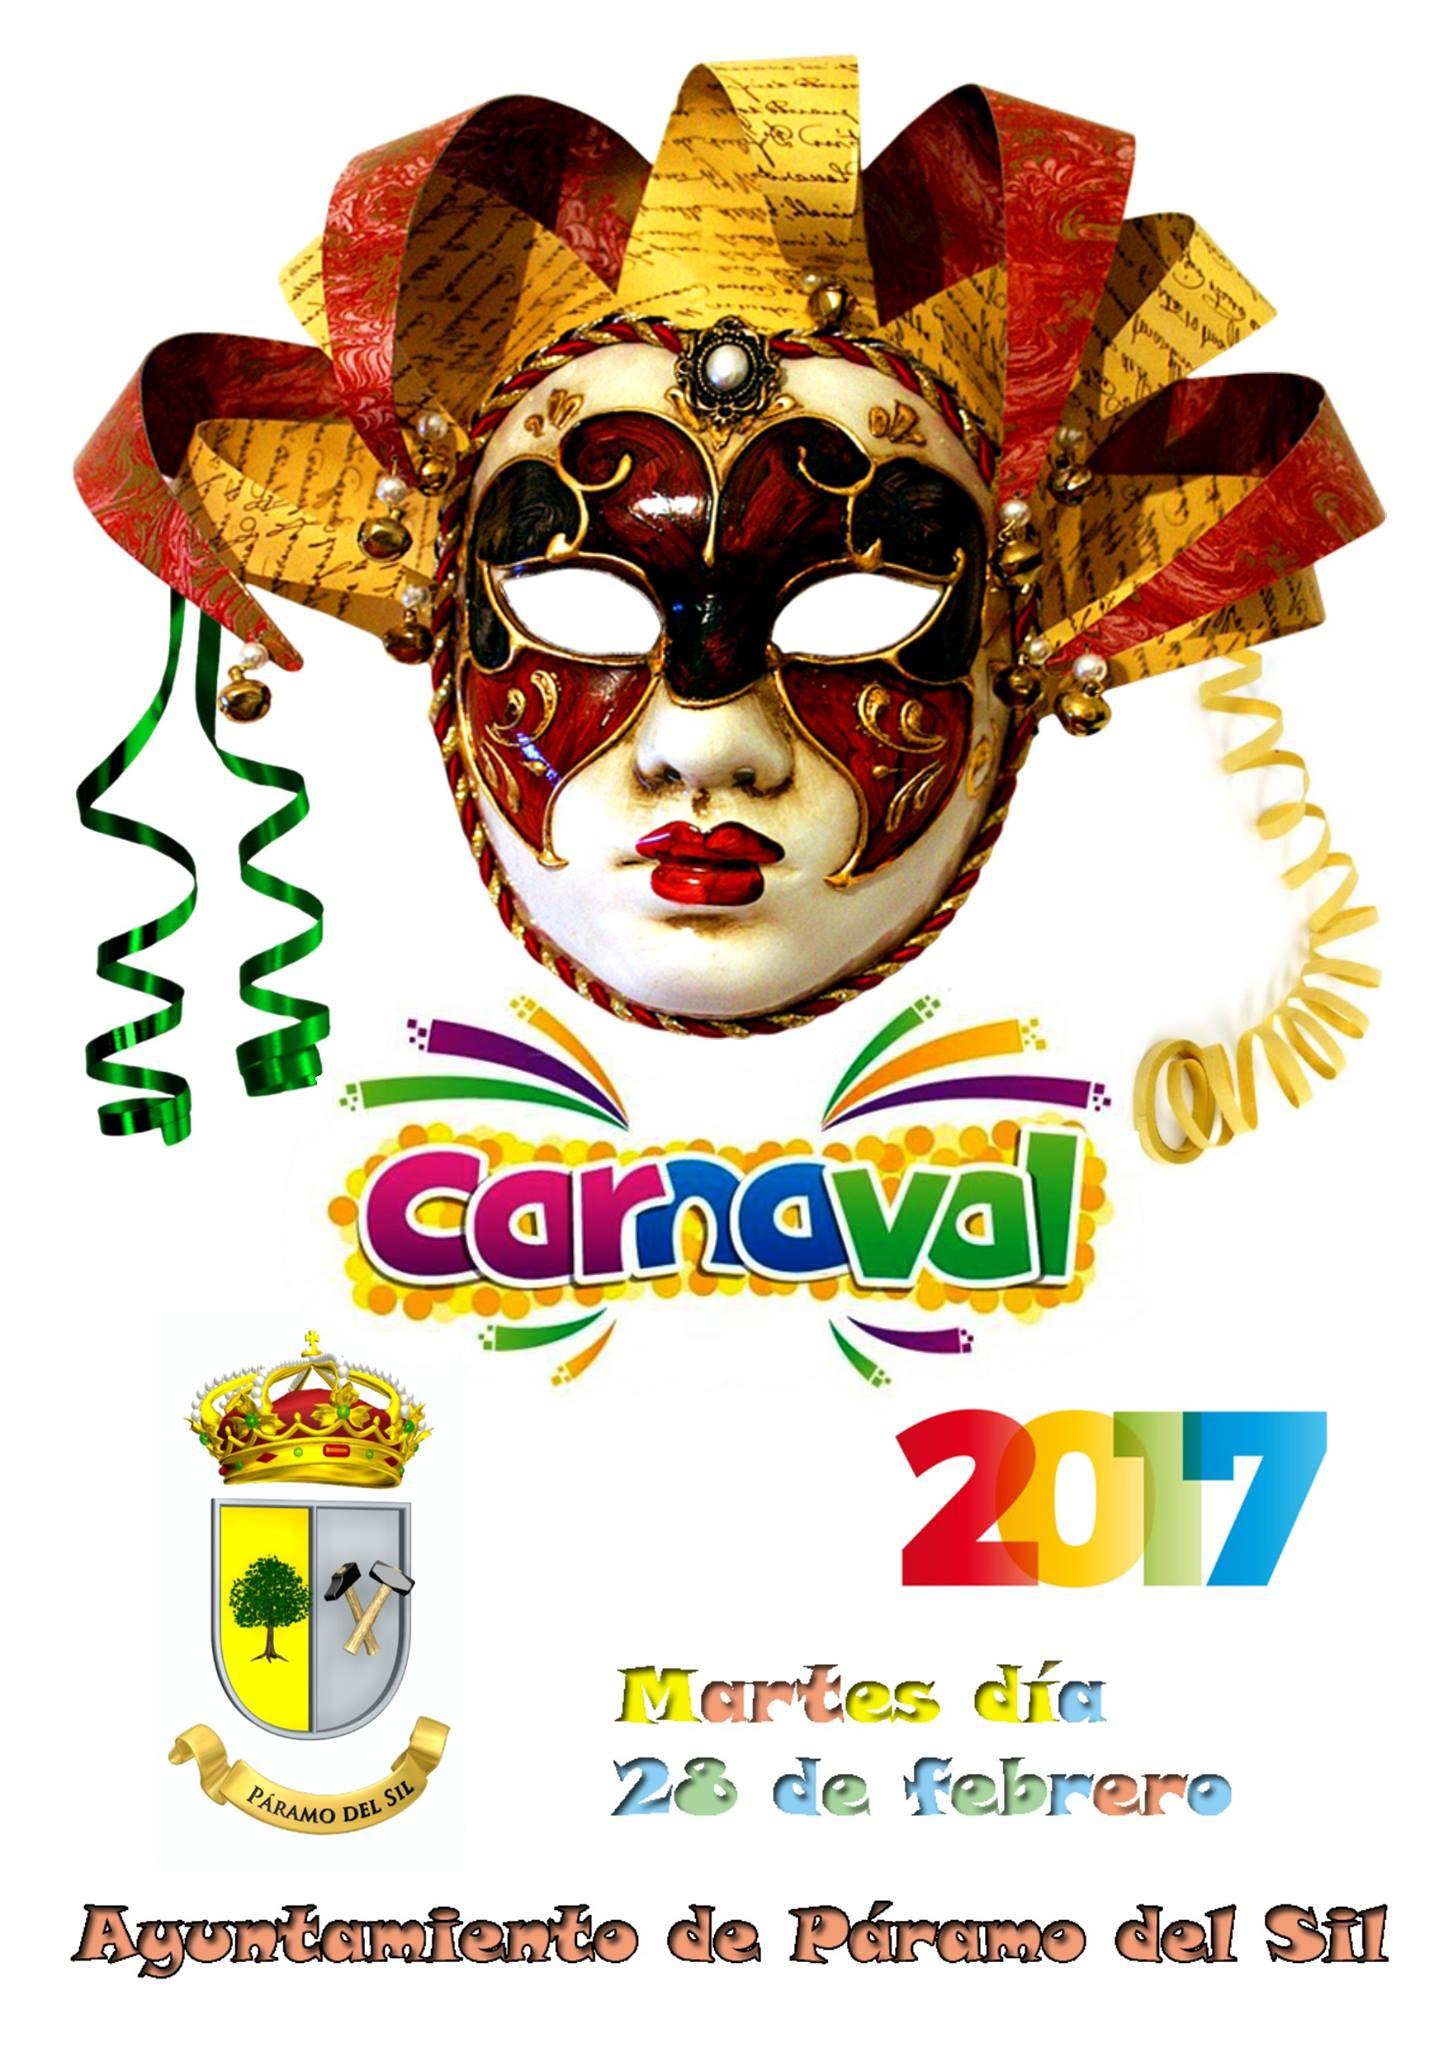 Carnaval en Páramo del Sil 2017 2